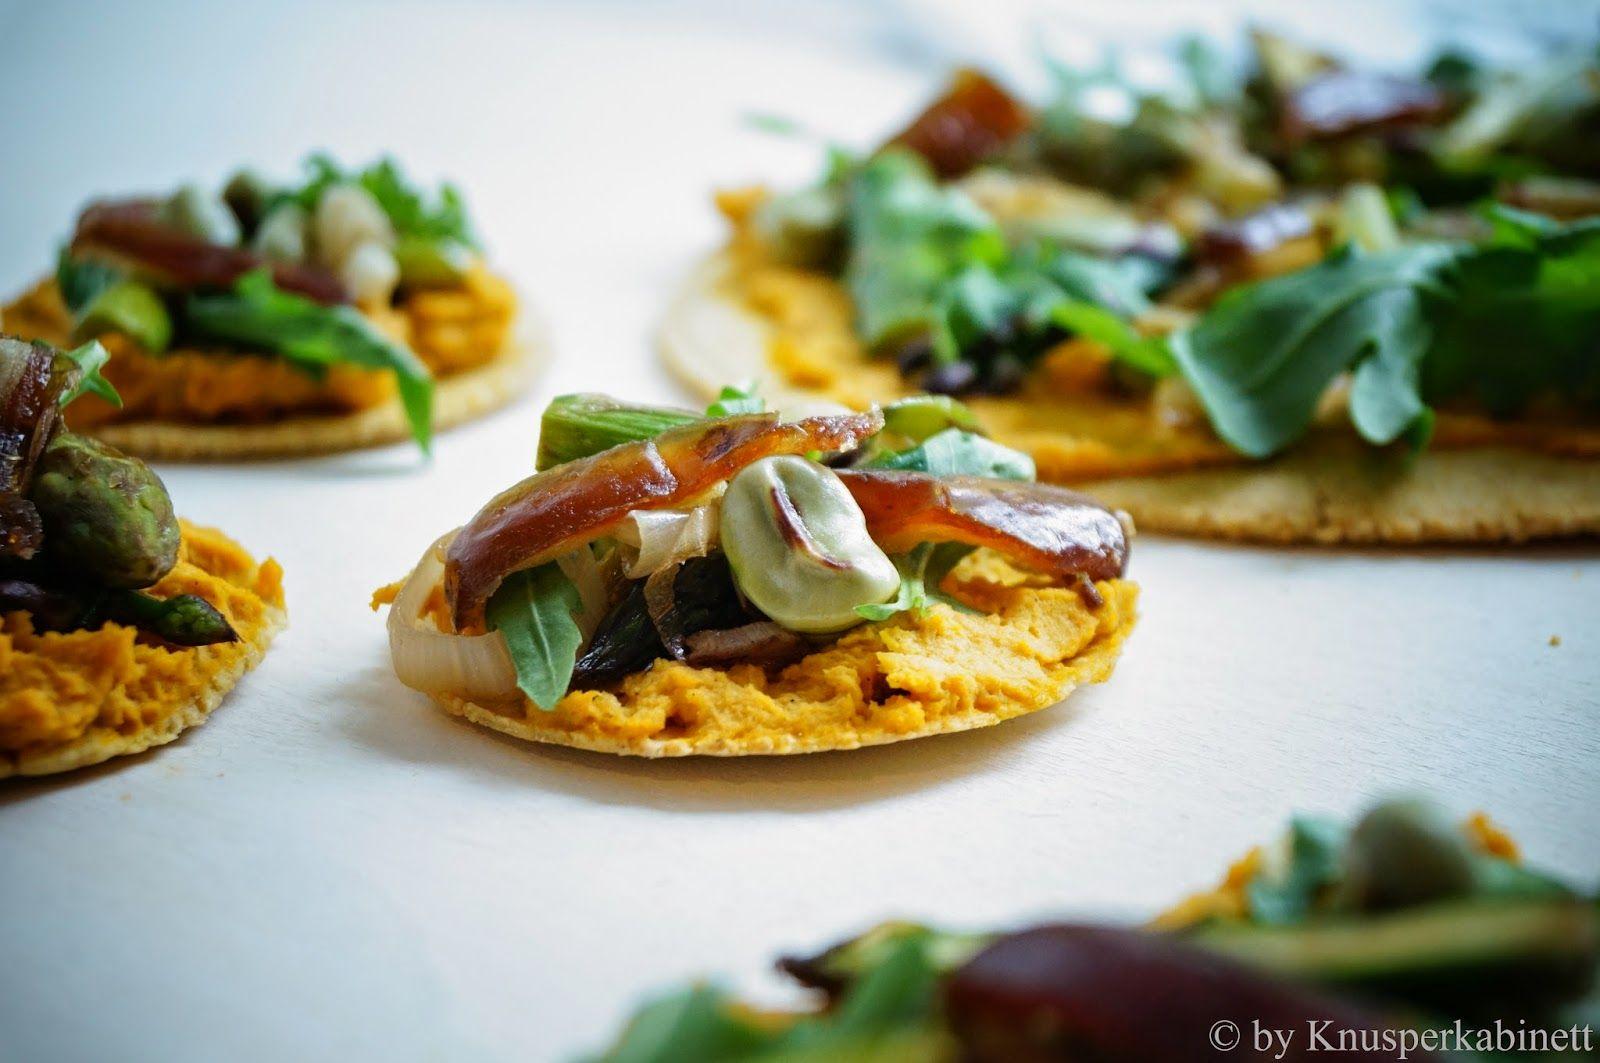 KNUSPERKABINETT: Knusprige Kichererbsenfladen mit geröstetem Karotten-Bohnen-Hummus und gebratenem Frühlingsgemüse